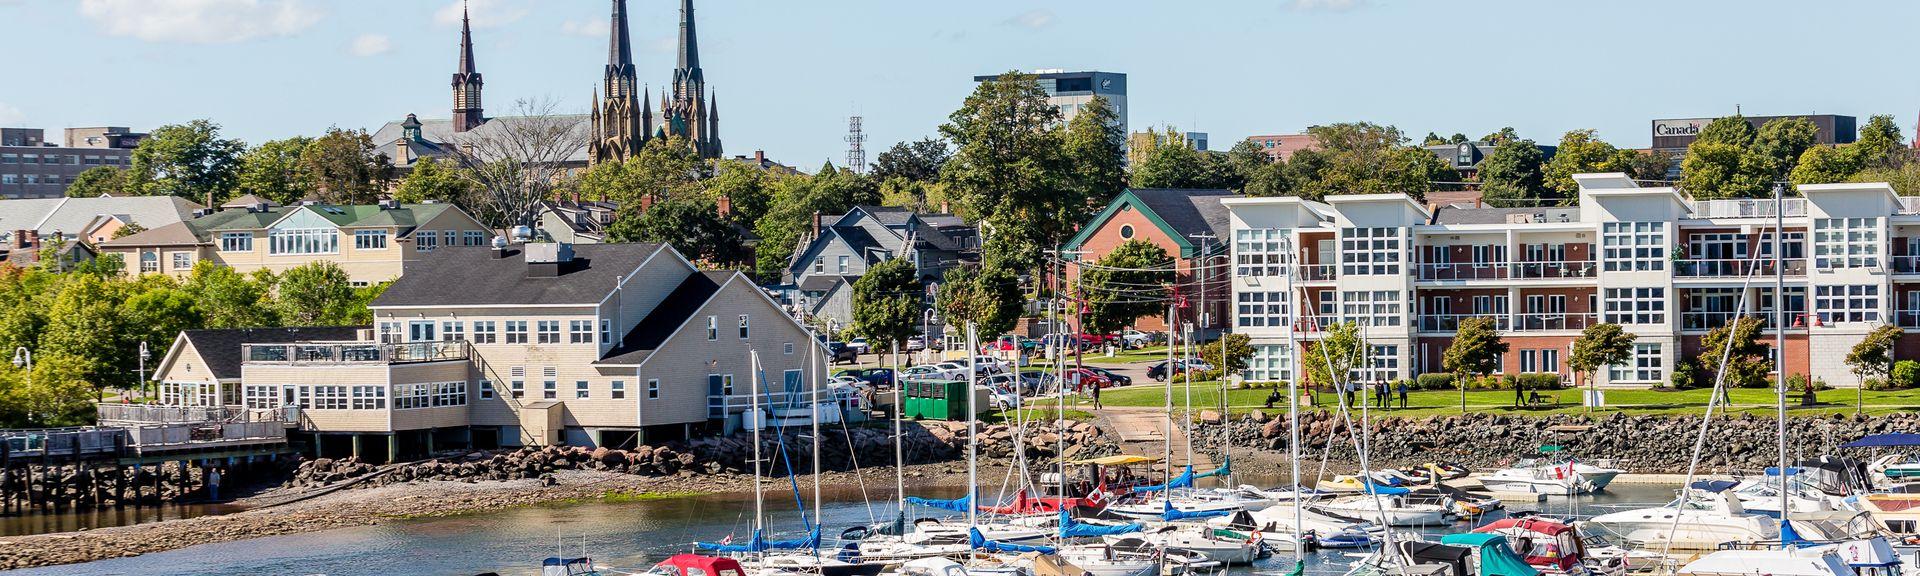 Charlottetown, Prince Edward Island, Kanada